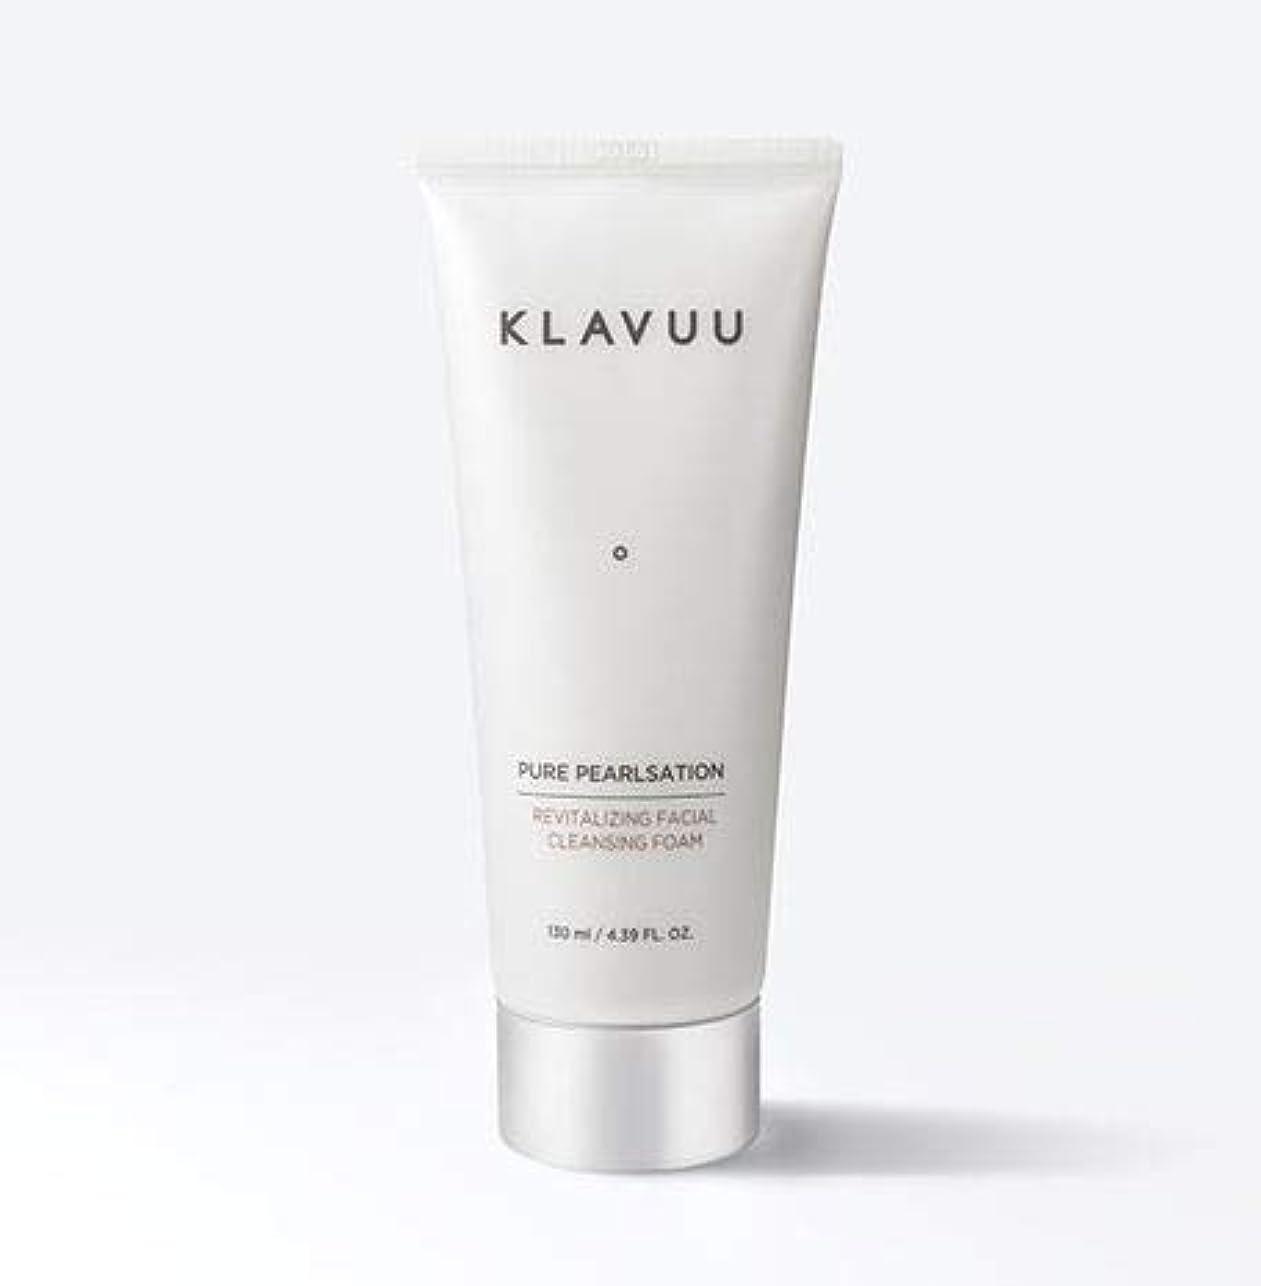 パイントパスポート辞任[ Klavuu ] PURE PEARLSATION Revitalizing Facial Cleansing Foam /[クラビュー ] ピュア パールセ―ション リバイタライジング フェイシャル クレンジング フォーム [並行輸入品]